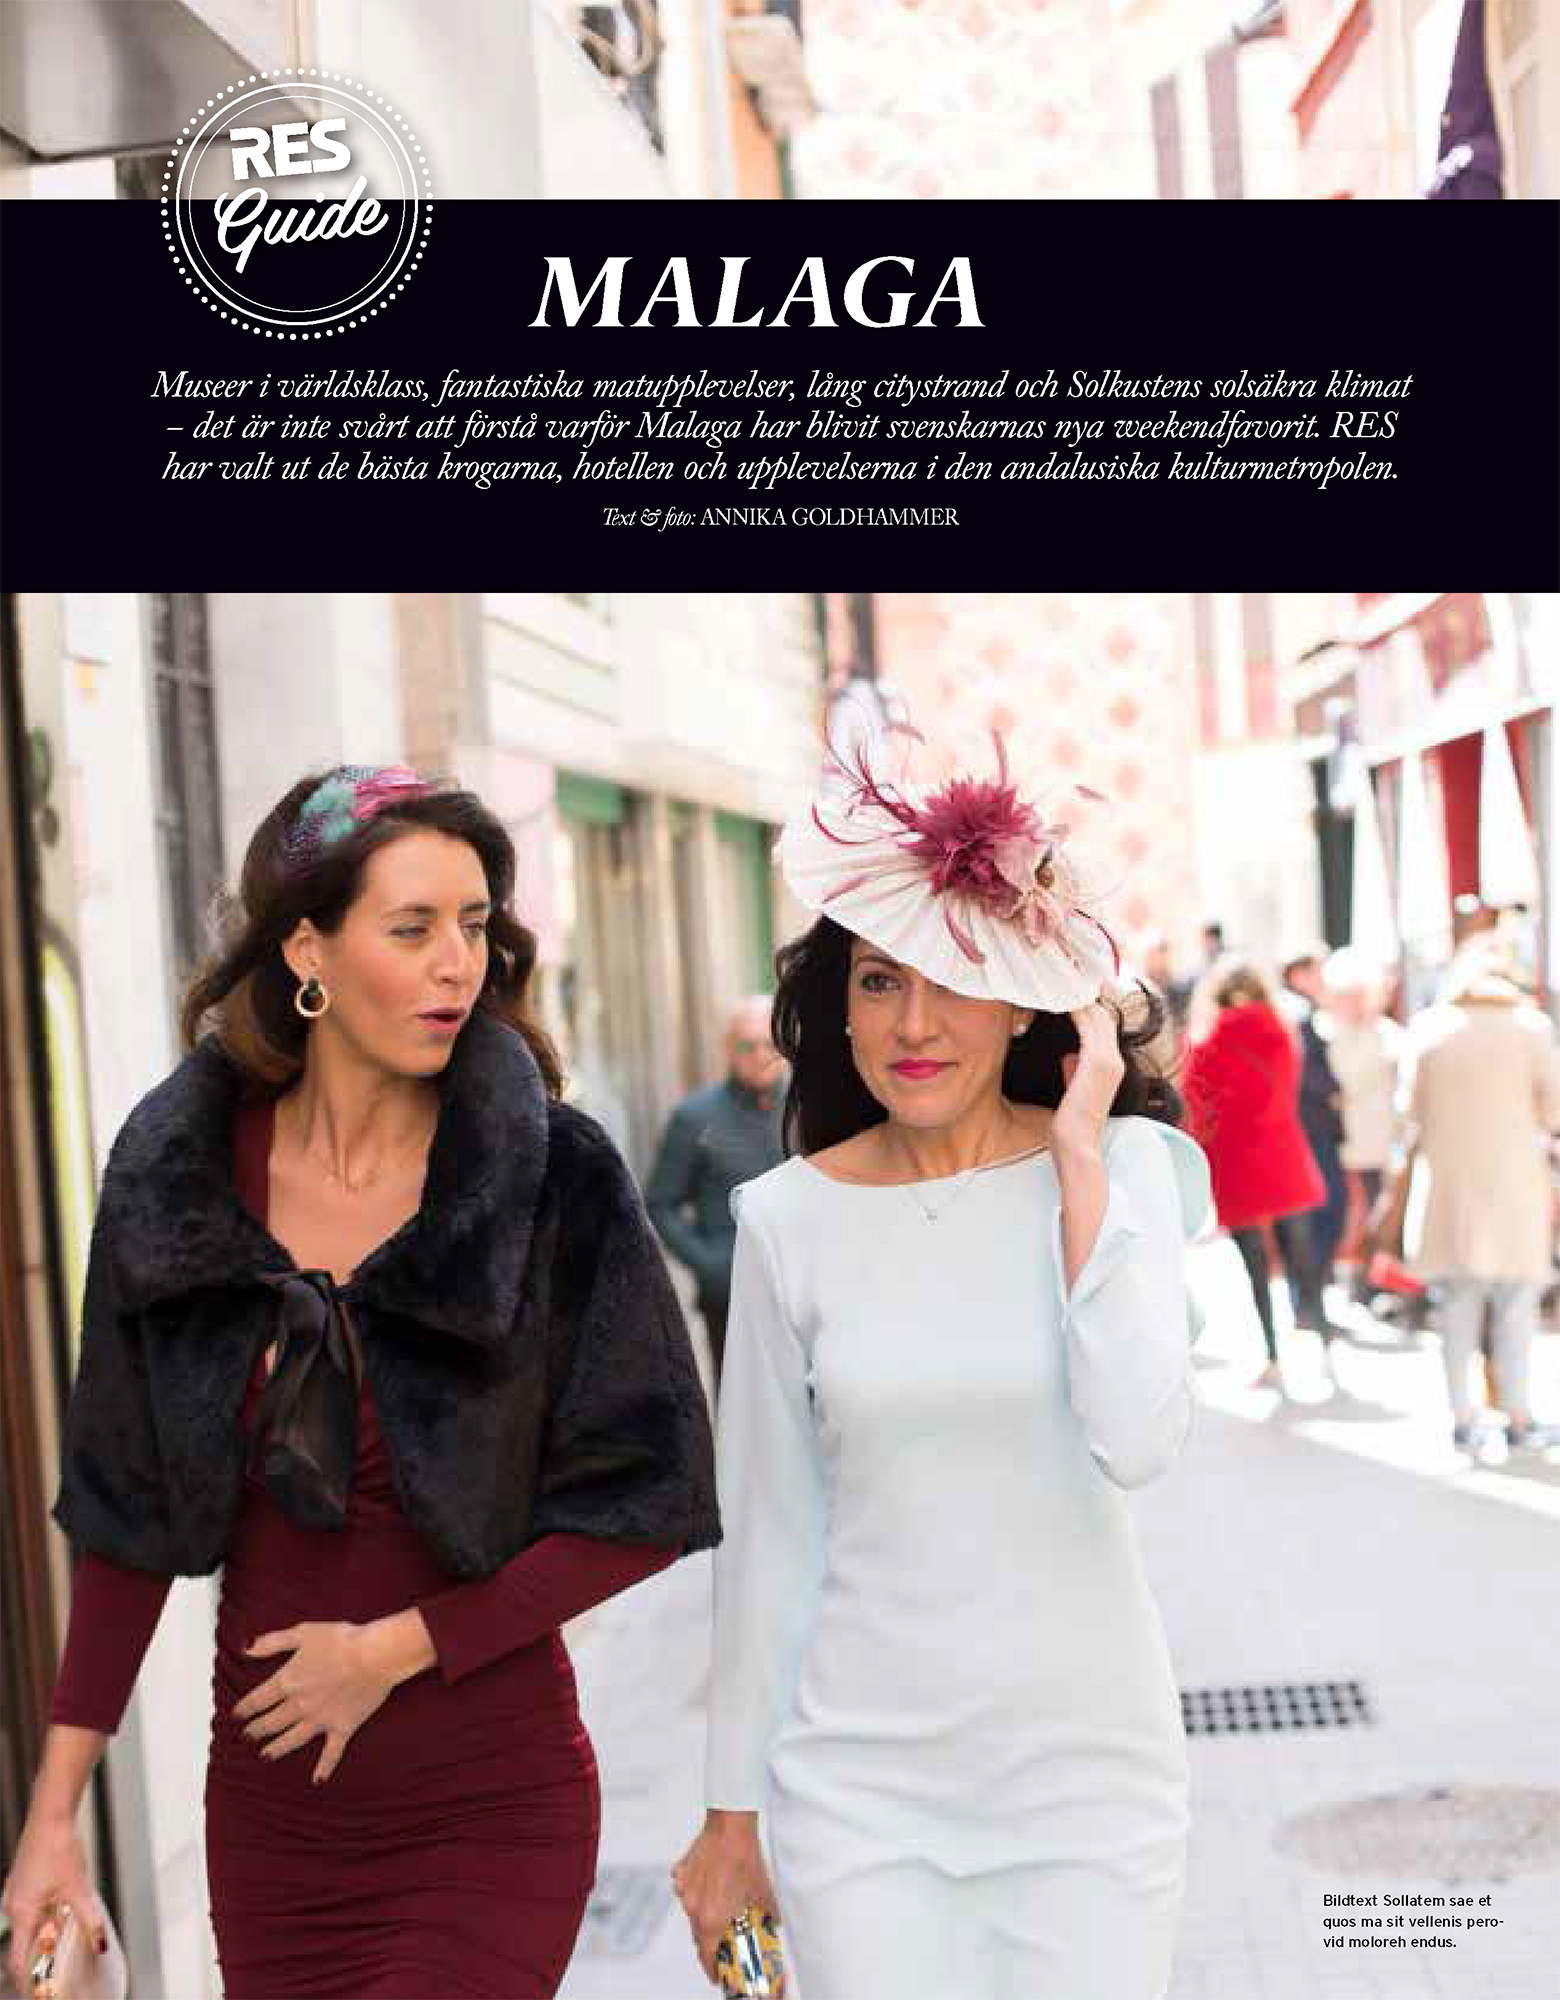 Cityguide Malaga – RES